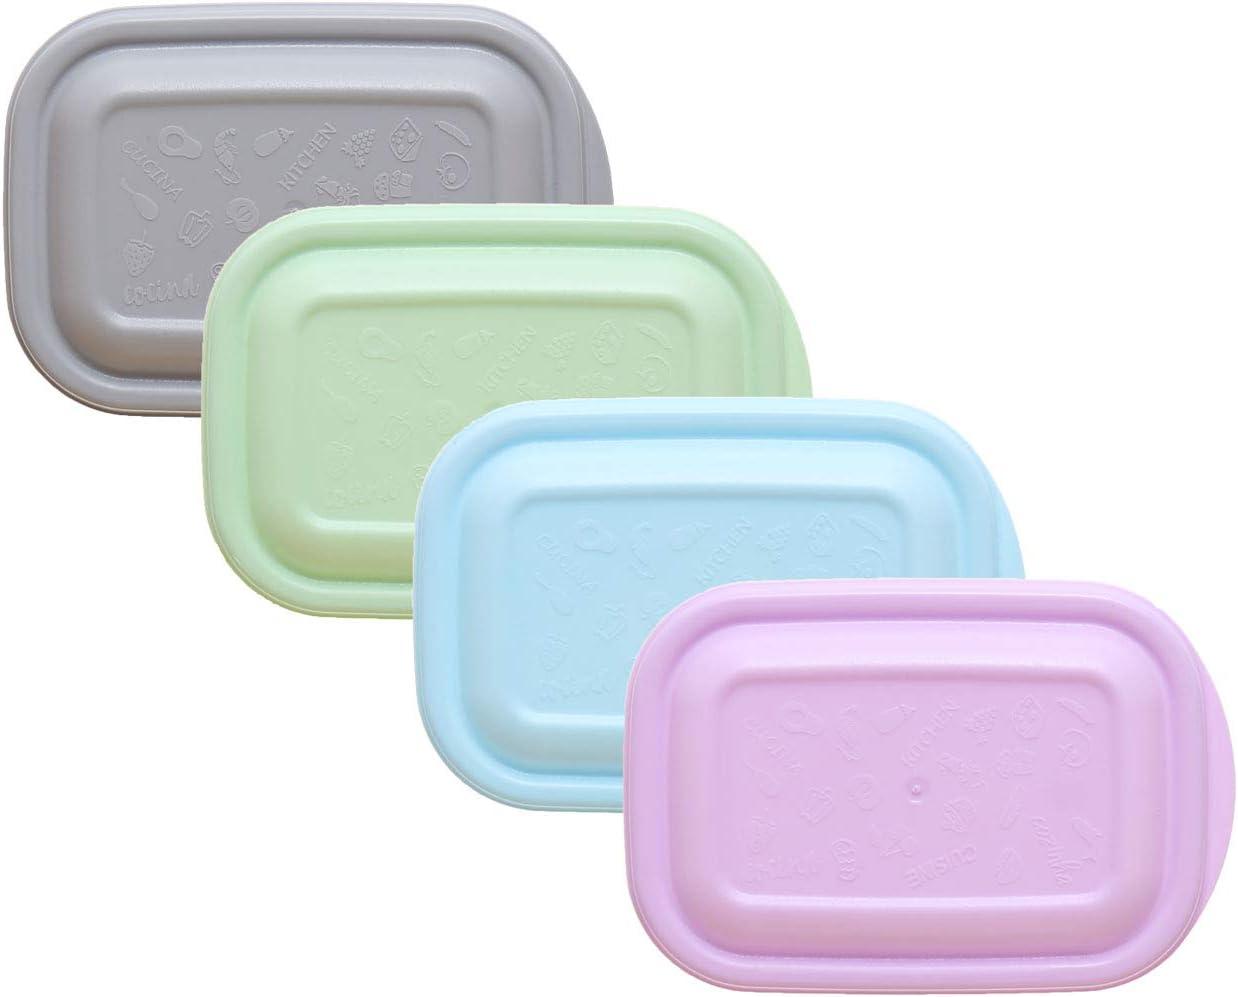 250 ML Congelation Bebe Carree empilable Pastel avec Couvercle Cuisine Boite de Conservation Boite de Rangement Plastique idea-station Boite Plastique Alimentaire 12 Pieces